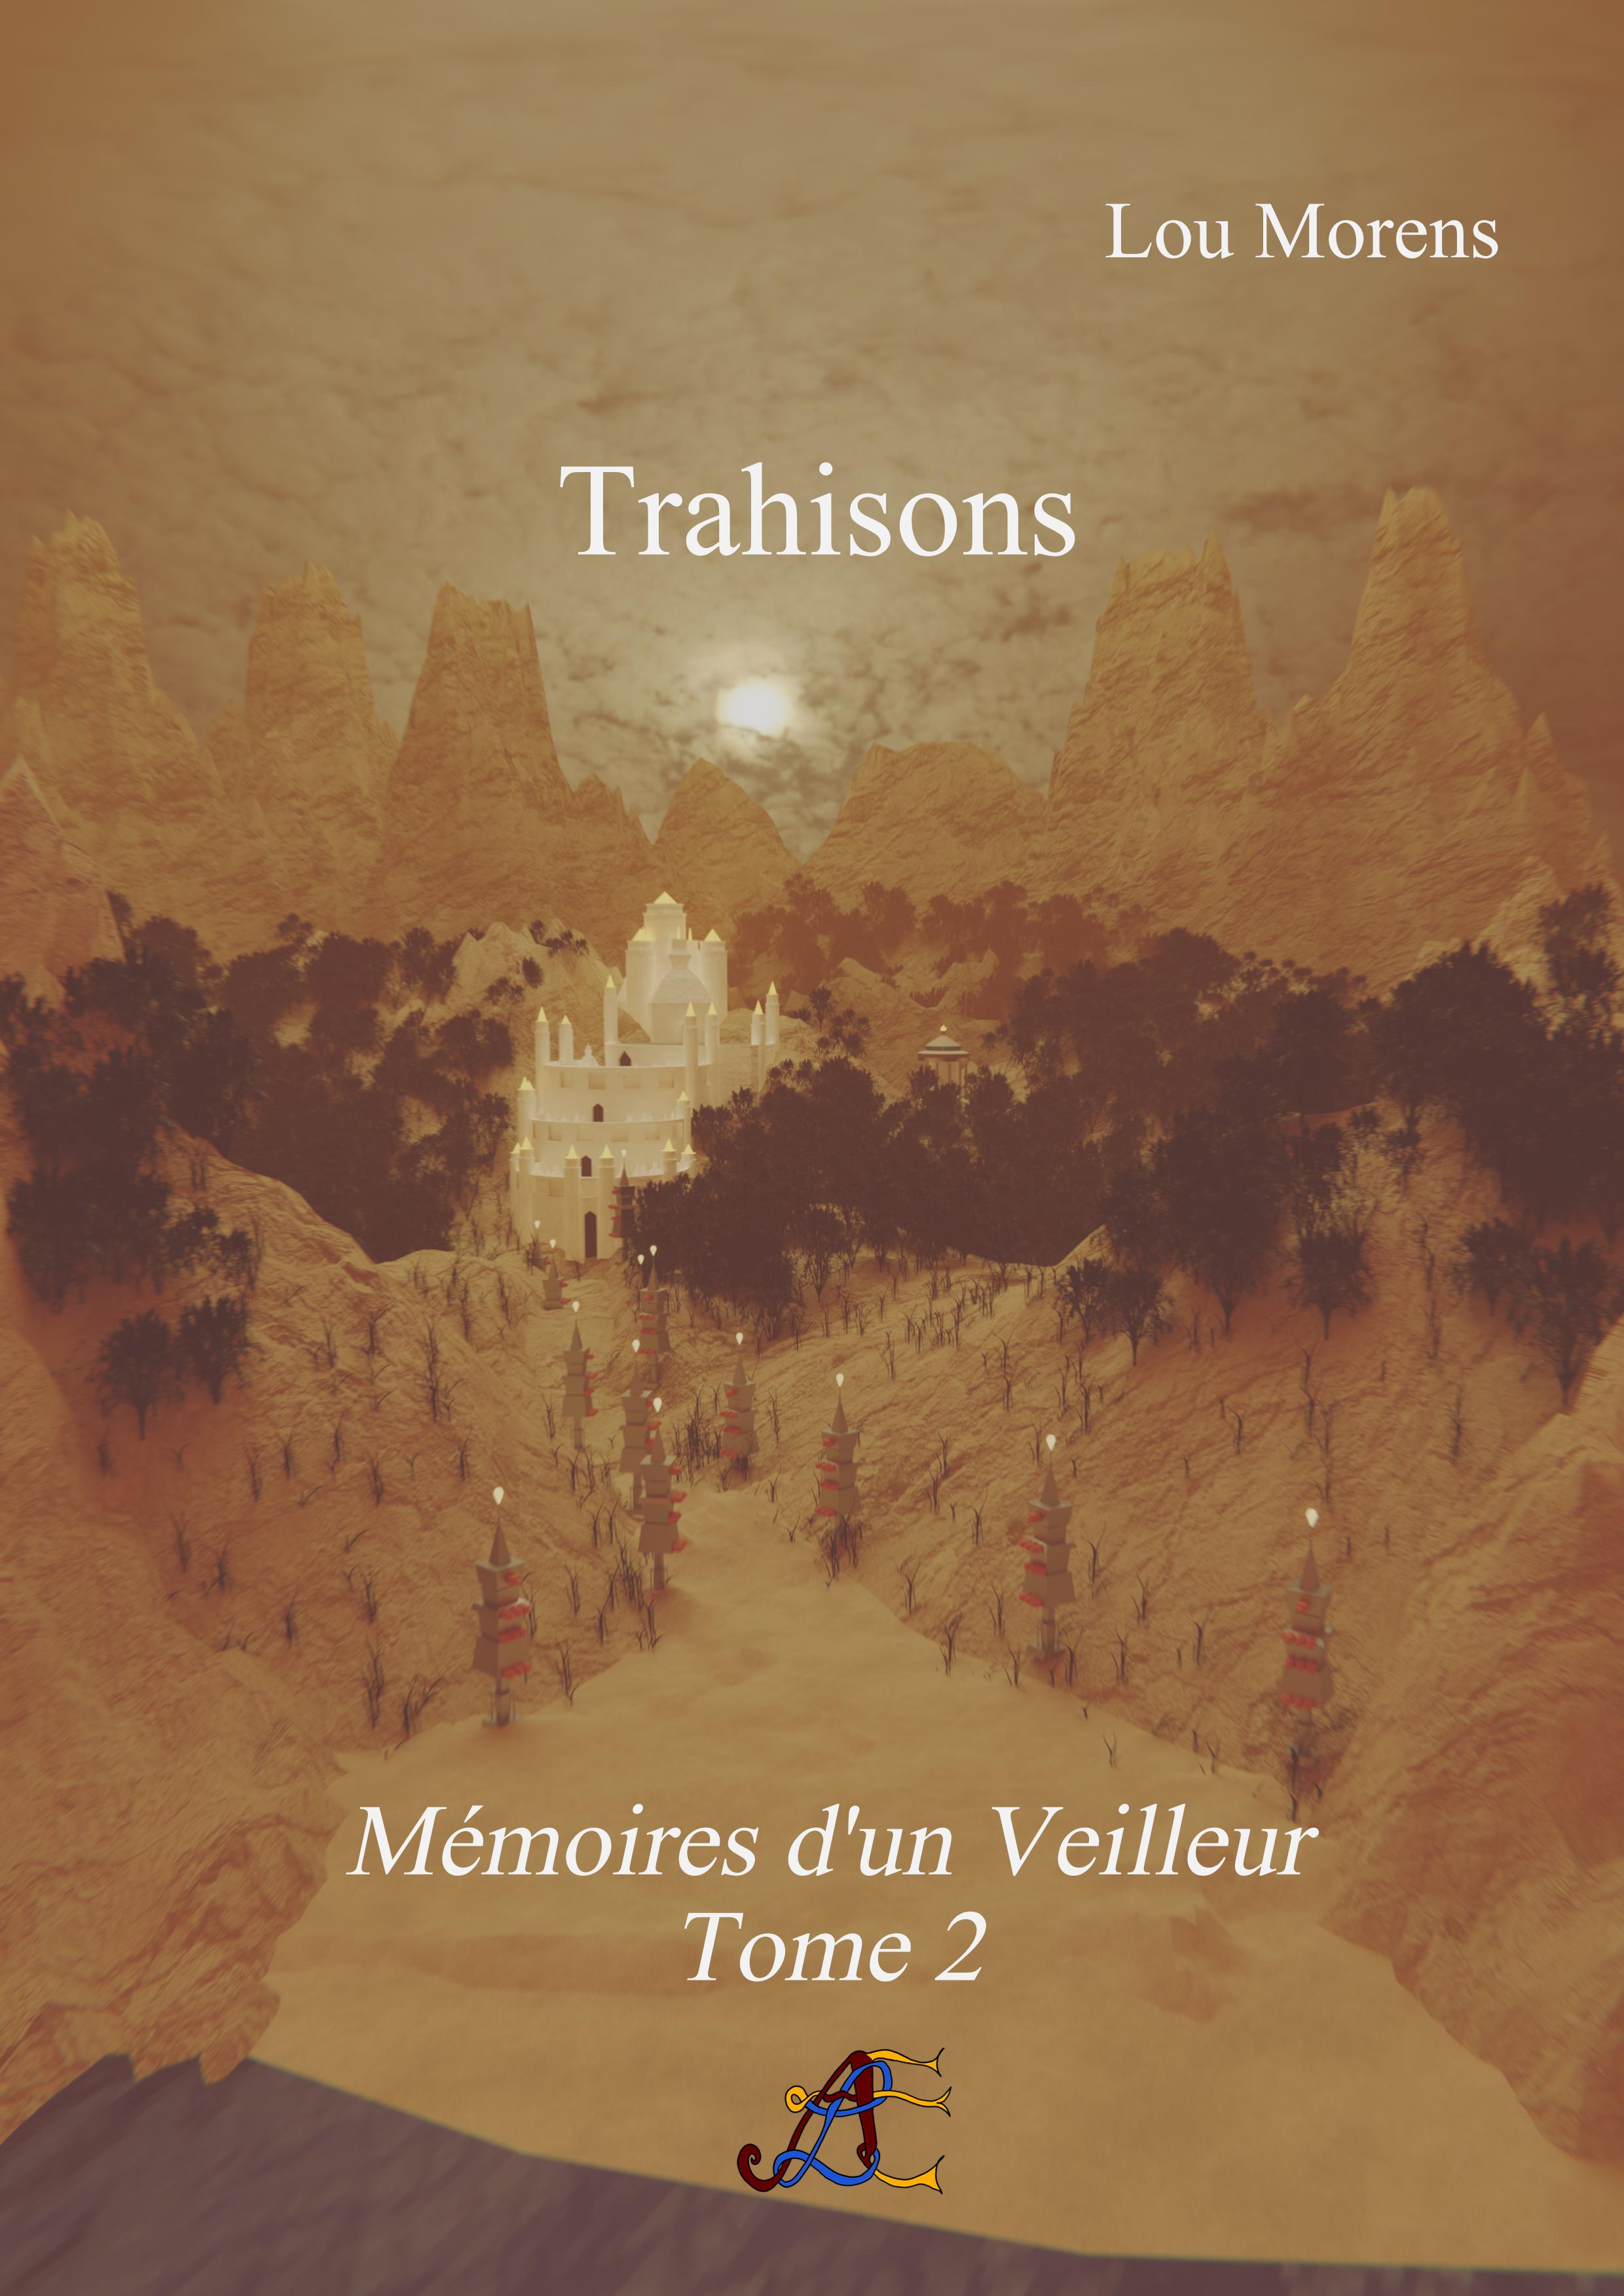 Couverture officielle du Tome des Mémoires d'un Veilleur - Trahisons